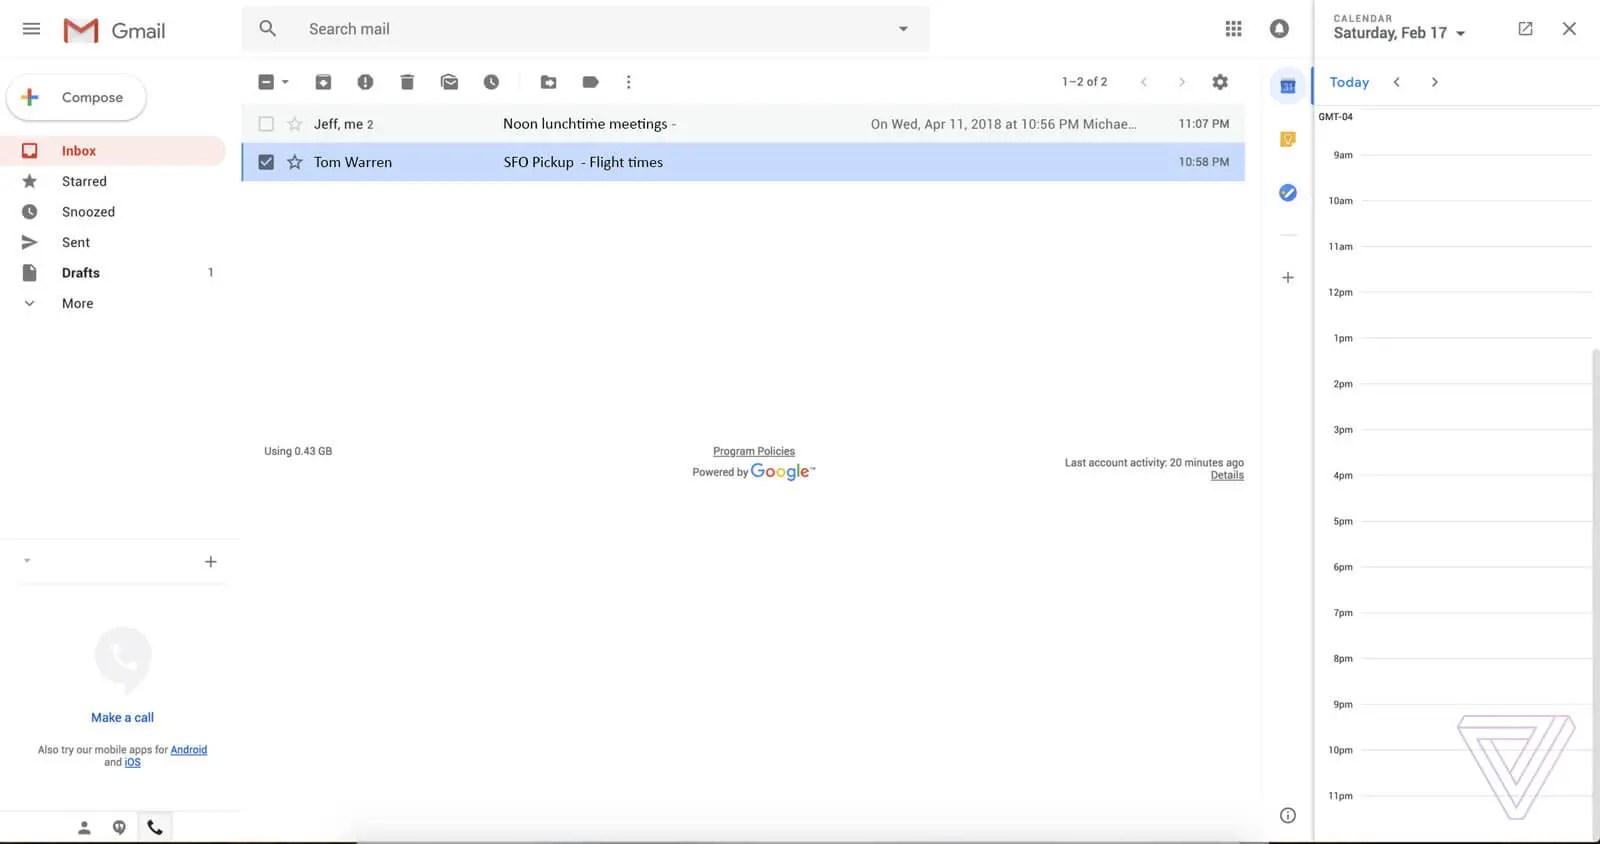 wersm-gmail-new-design-6